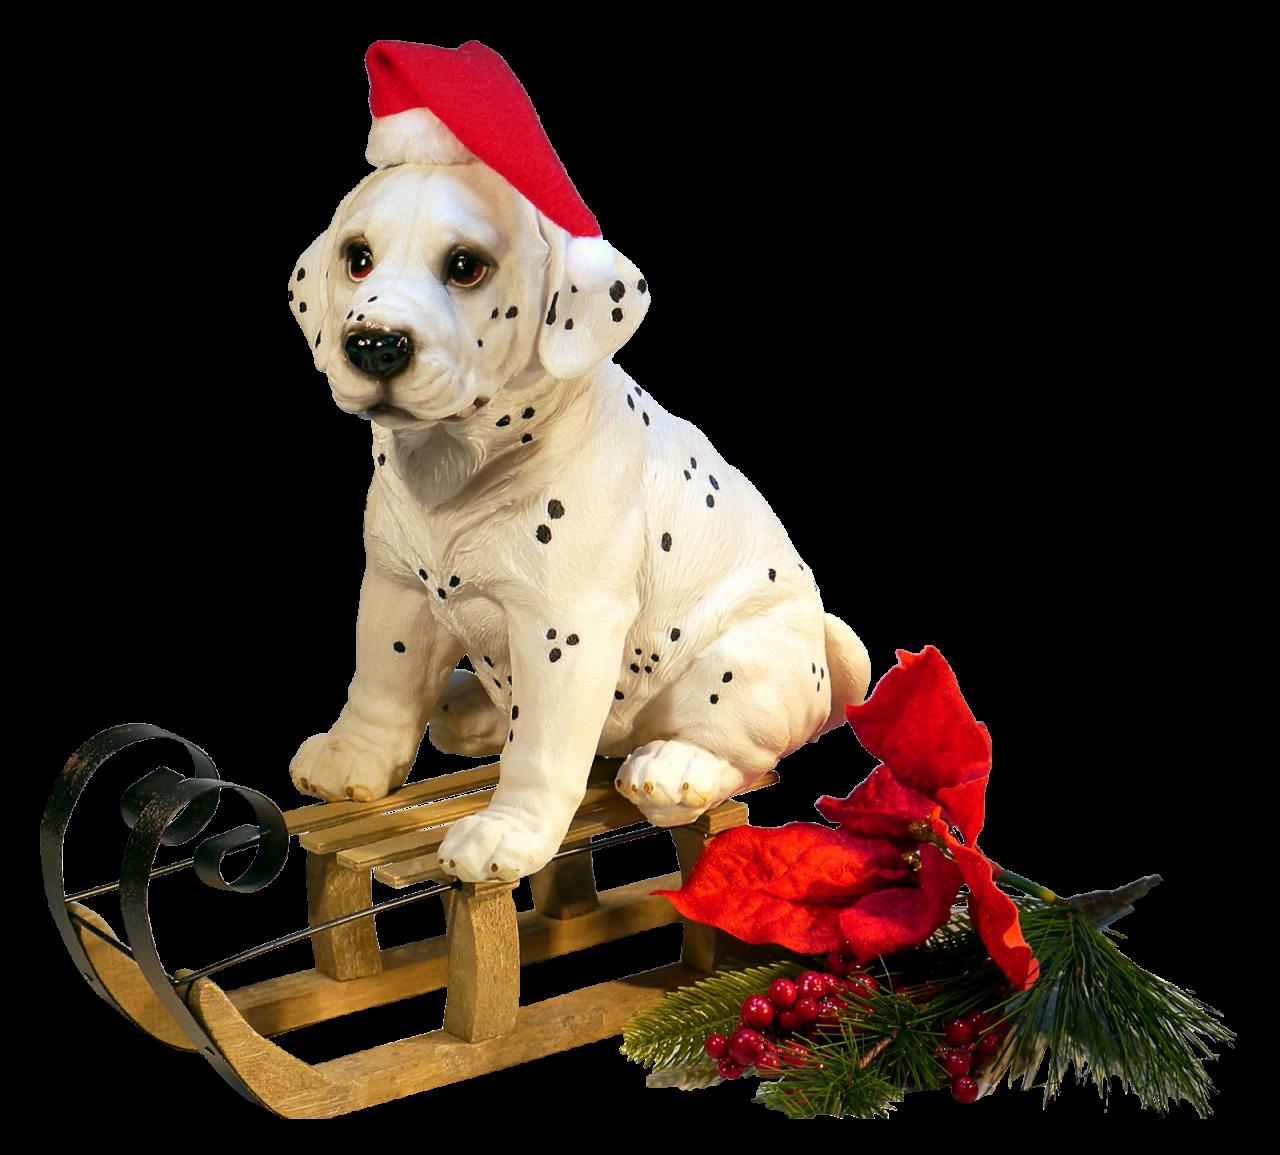 Christmas Dog PNG Image